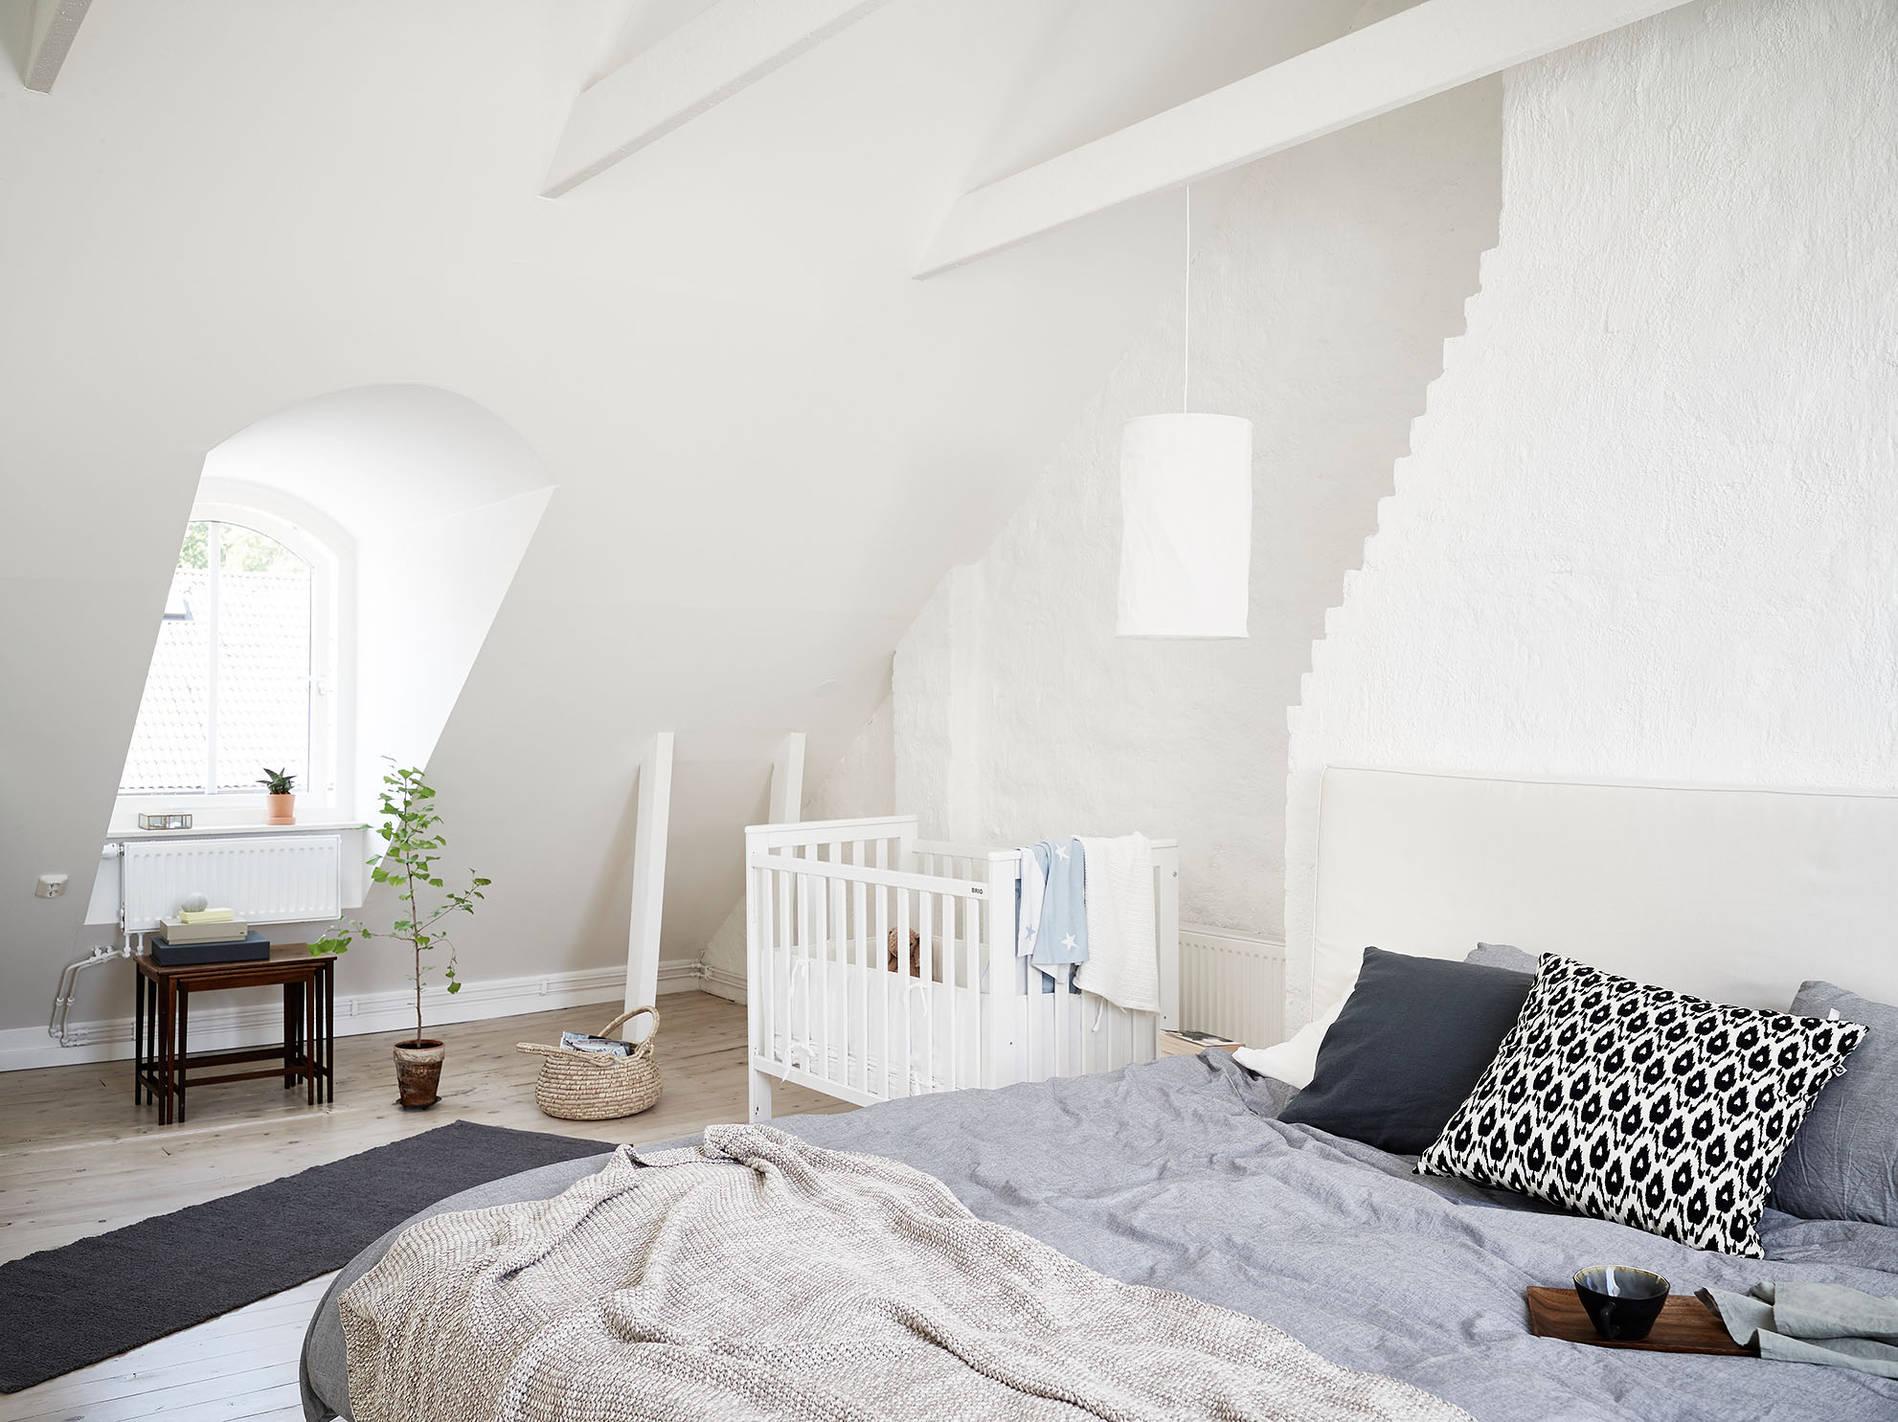 Binnenkijken licht zweeds huis thestylebox - Slaapkamer met zichtbare balken ...